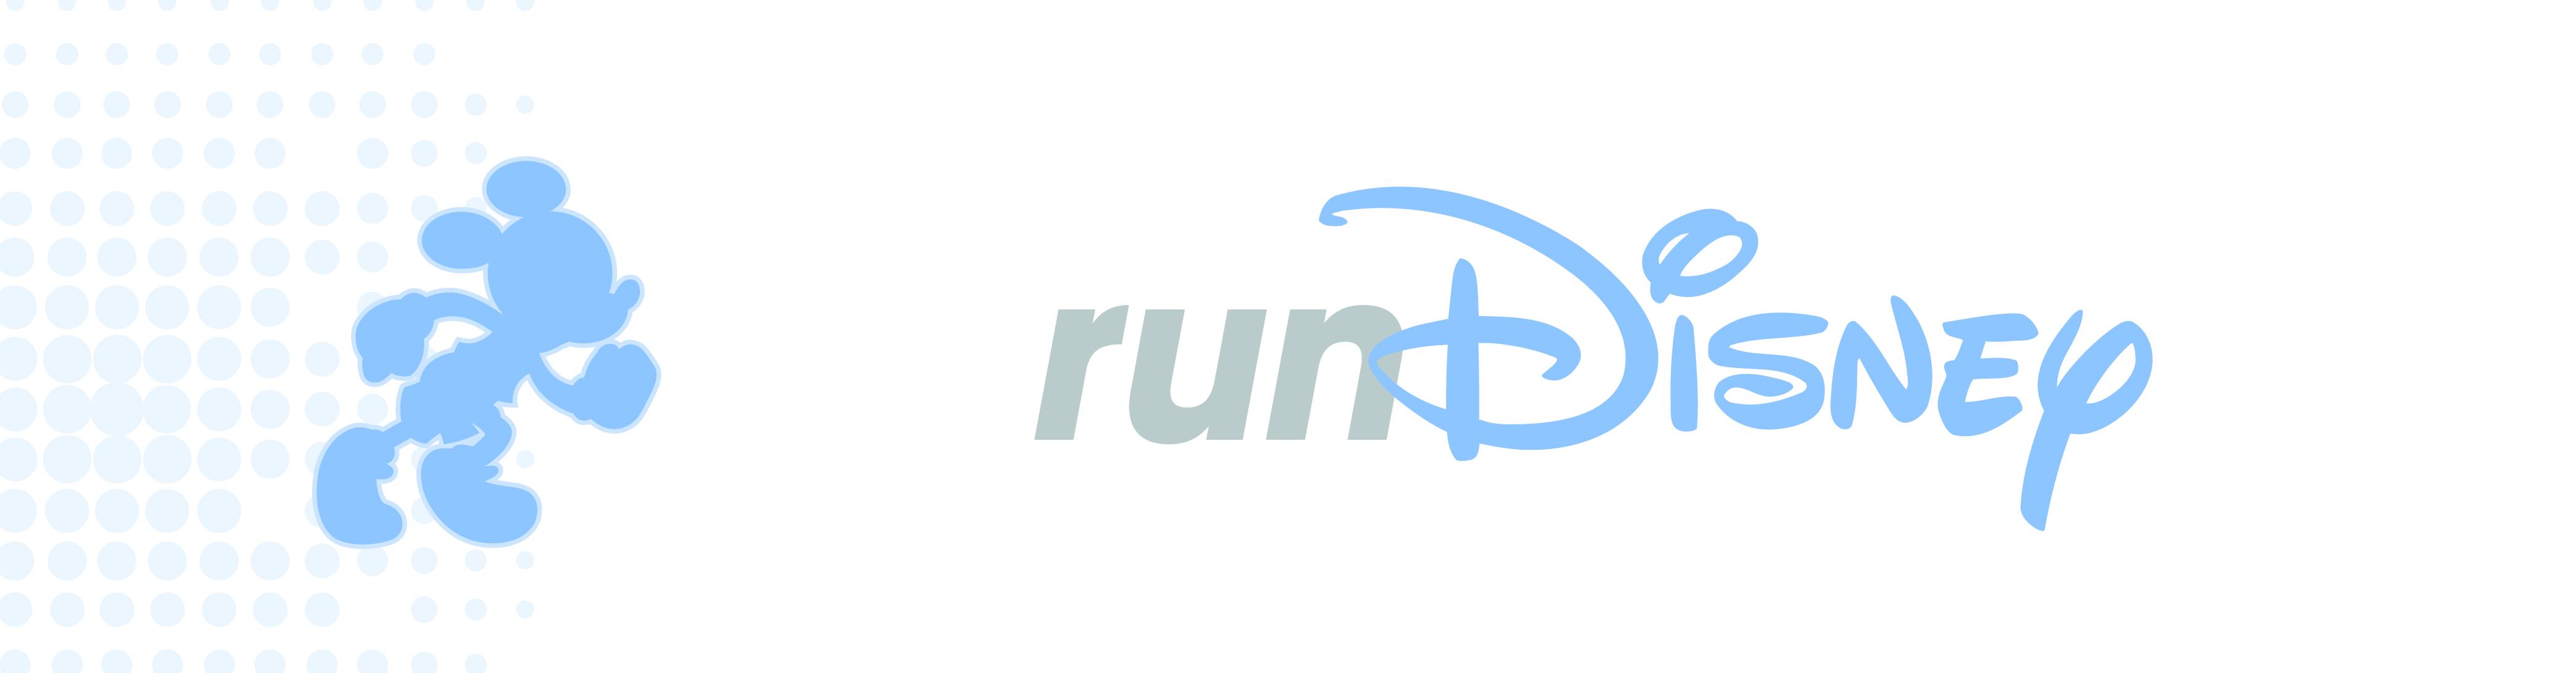 Ponto Orlando Dicas da Disney Run Disney 001